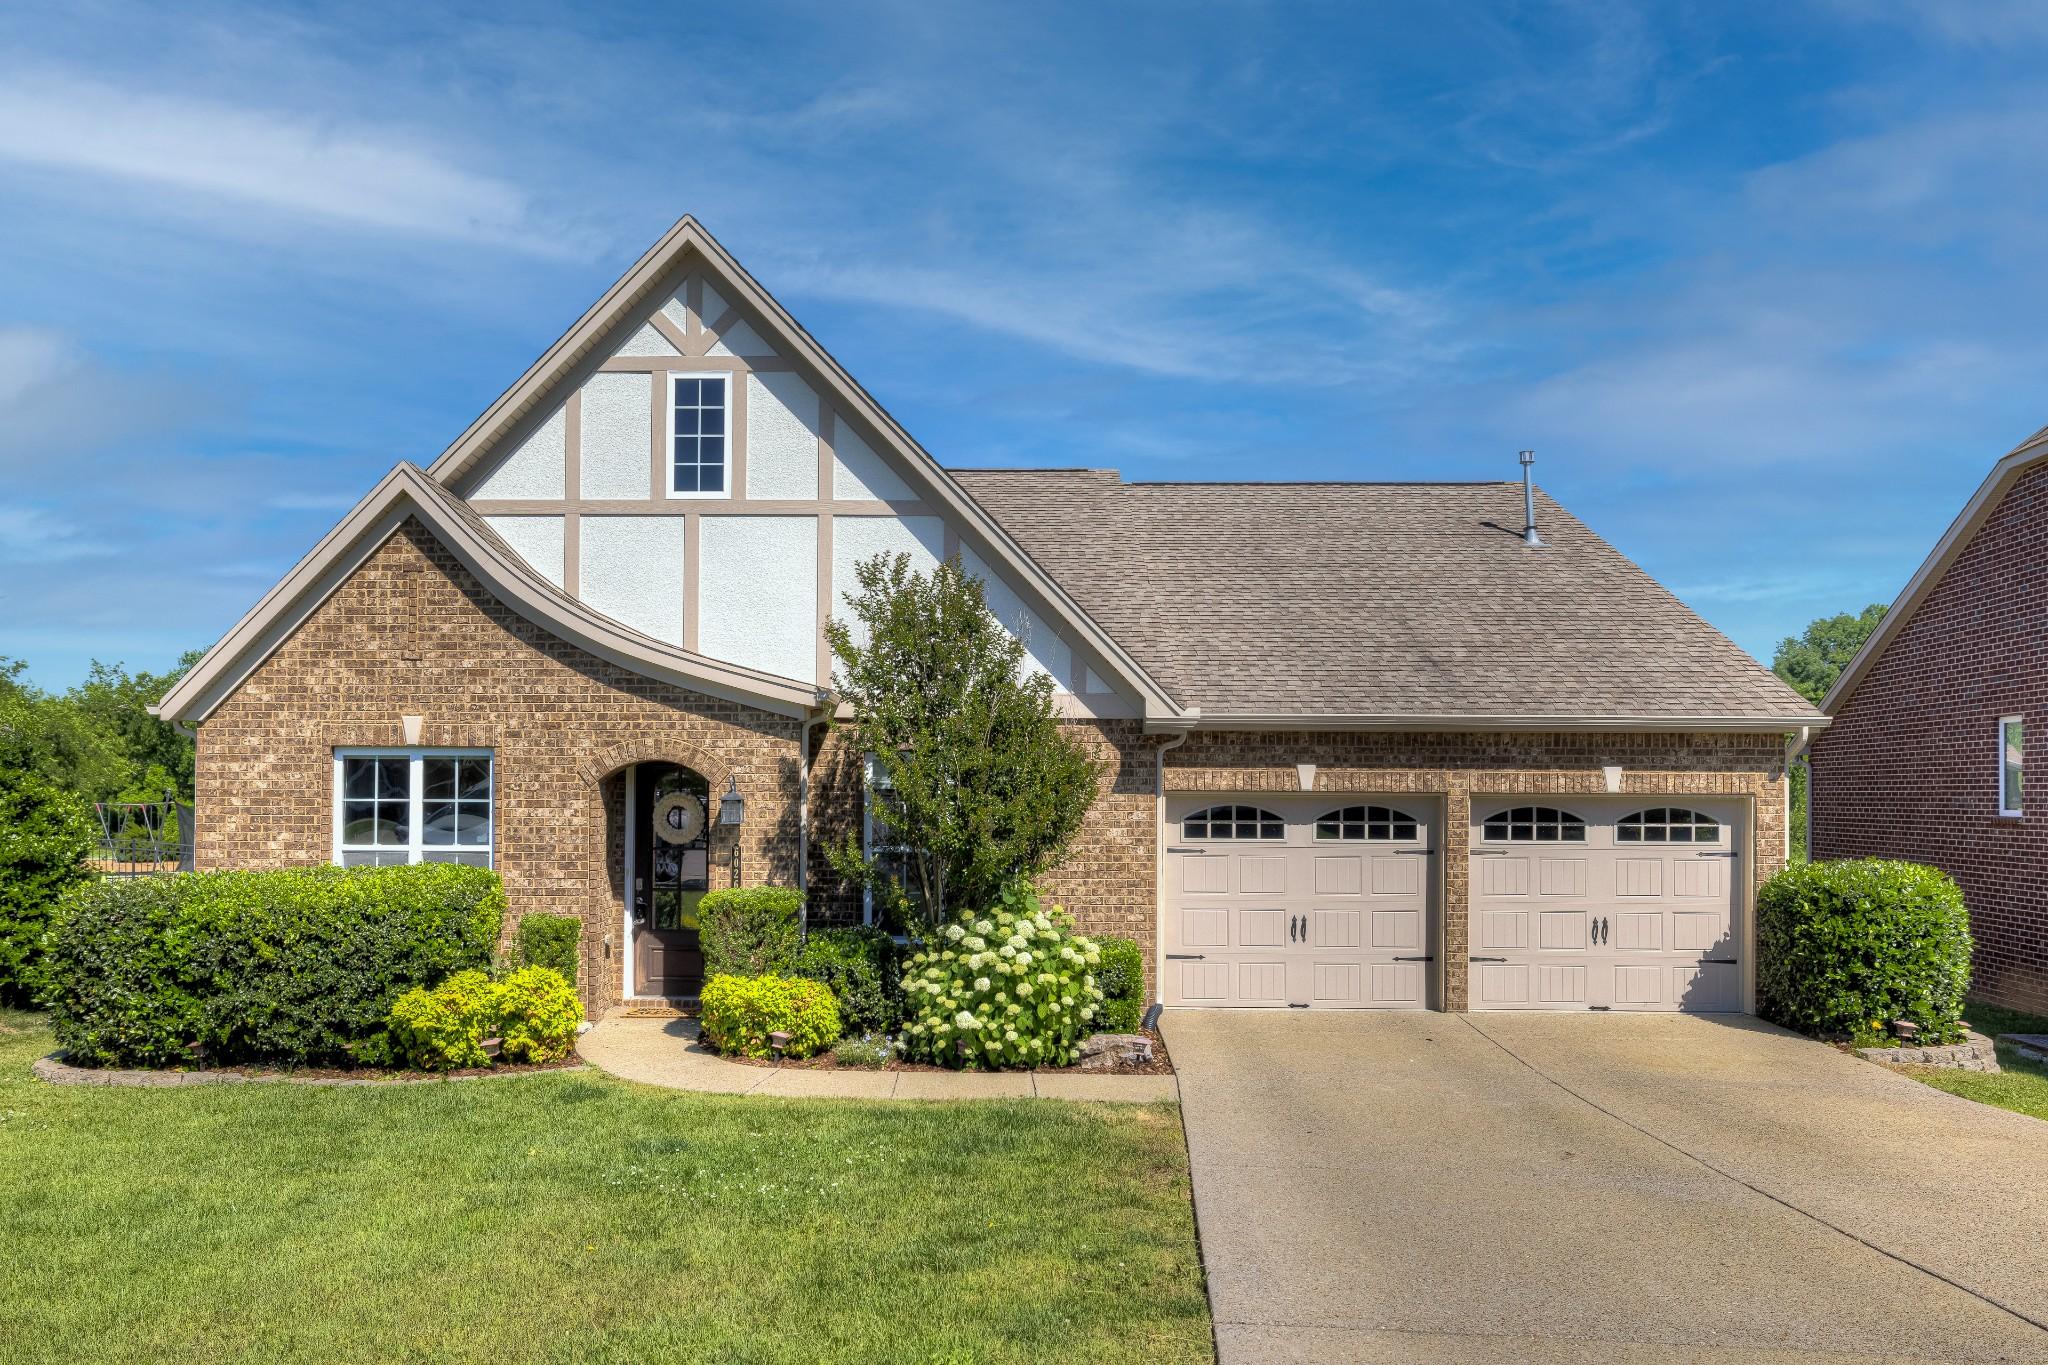 Bent Creek Sec 1 Ph 7 Real Estate Listings Main Image